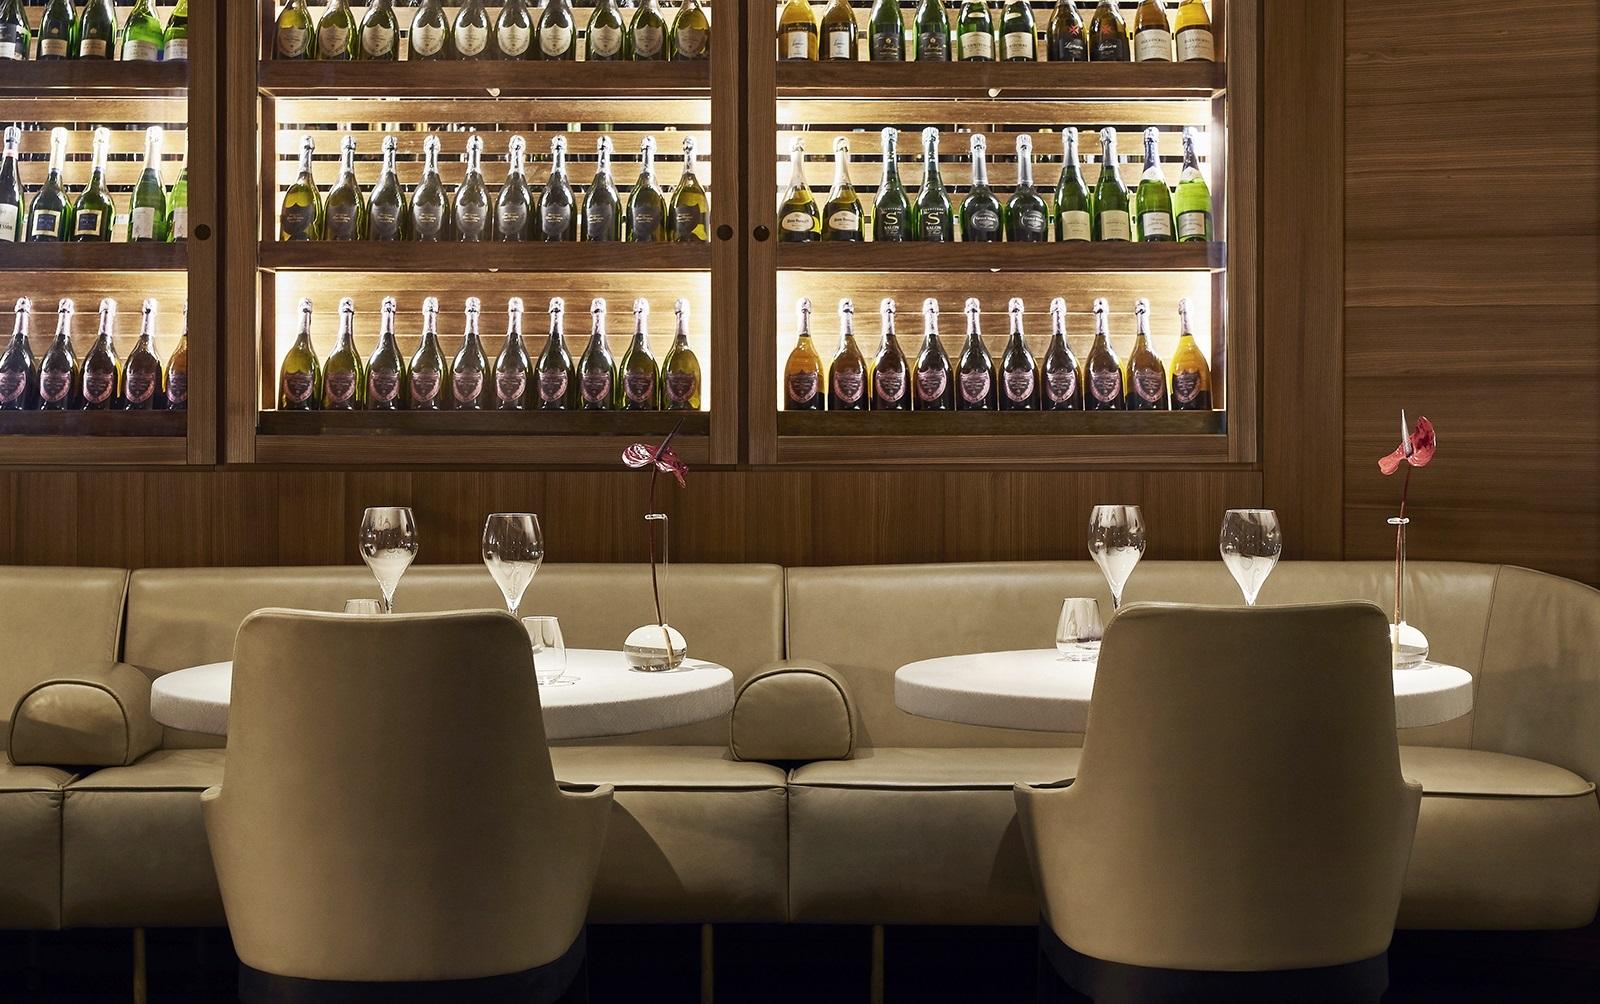 Park Hyatt Milan wine cellar